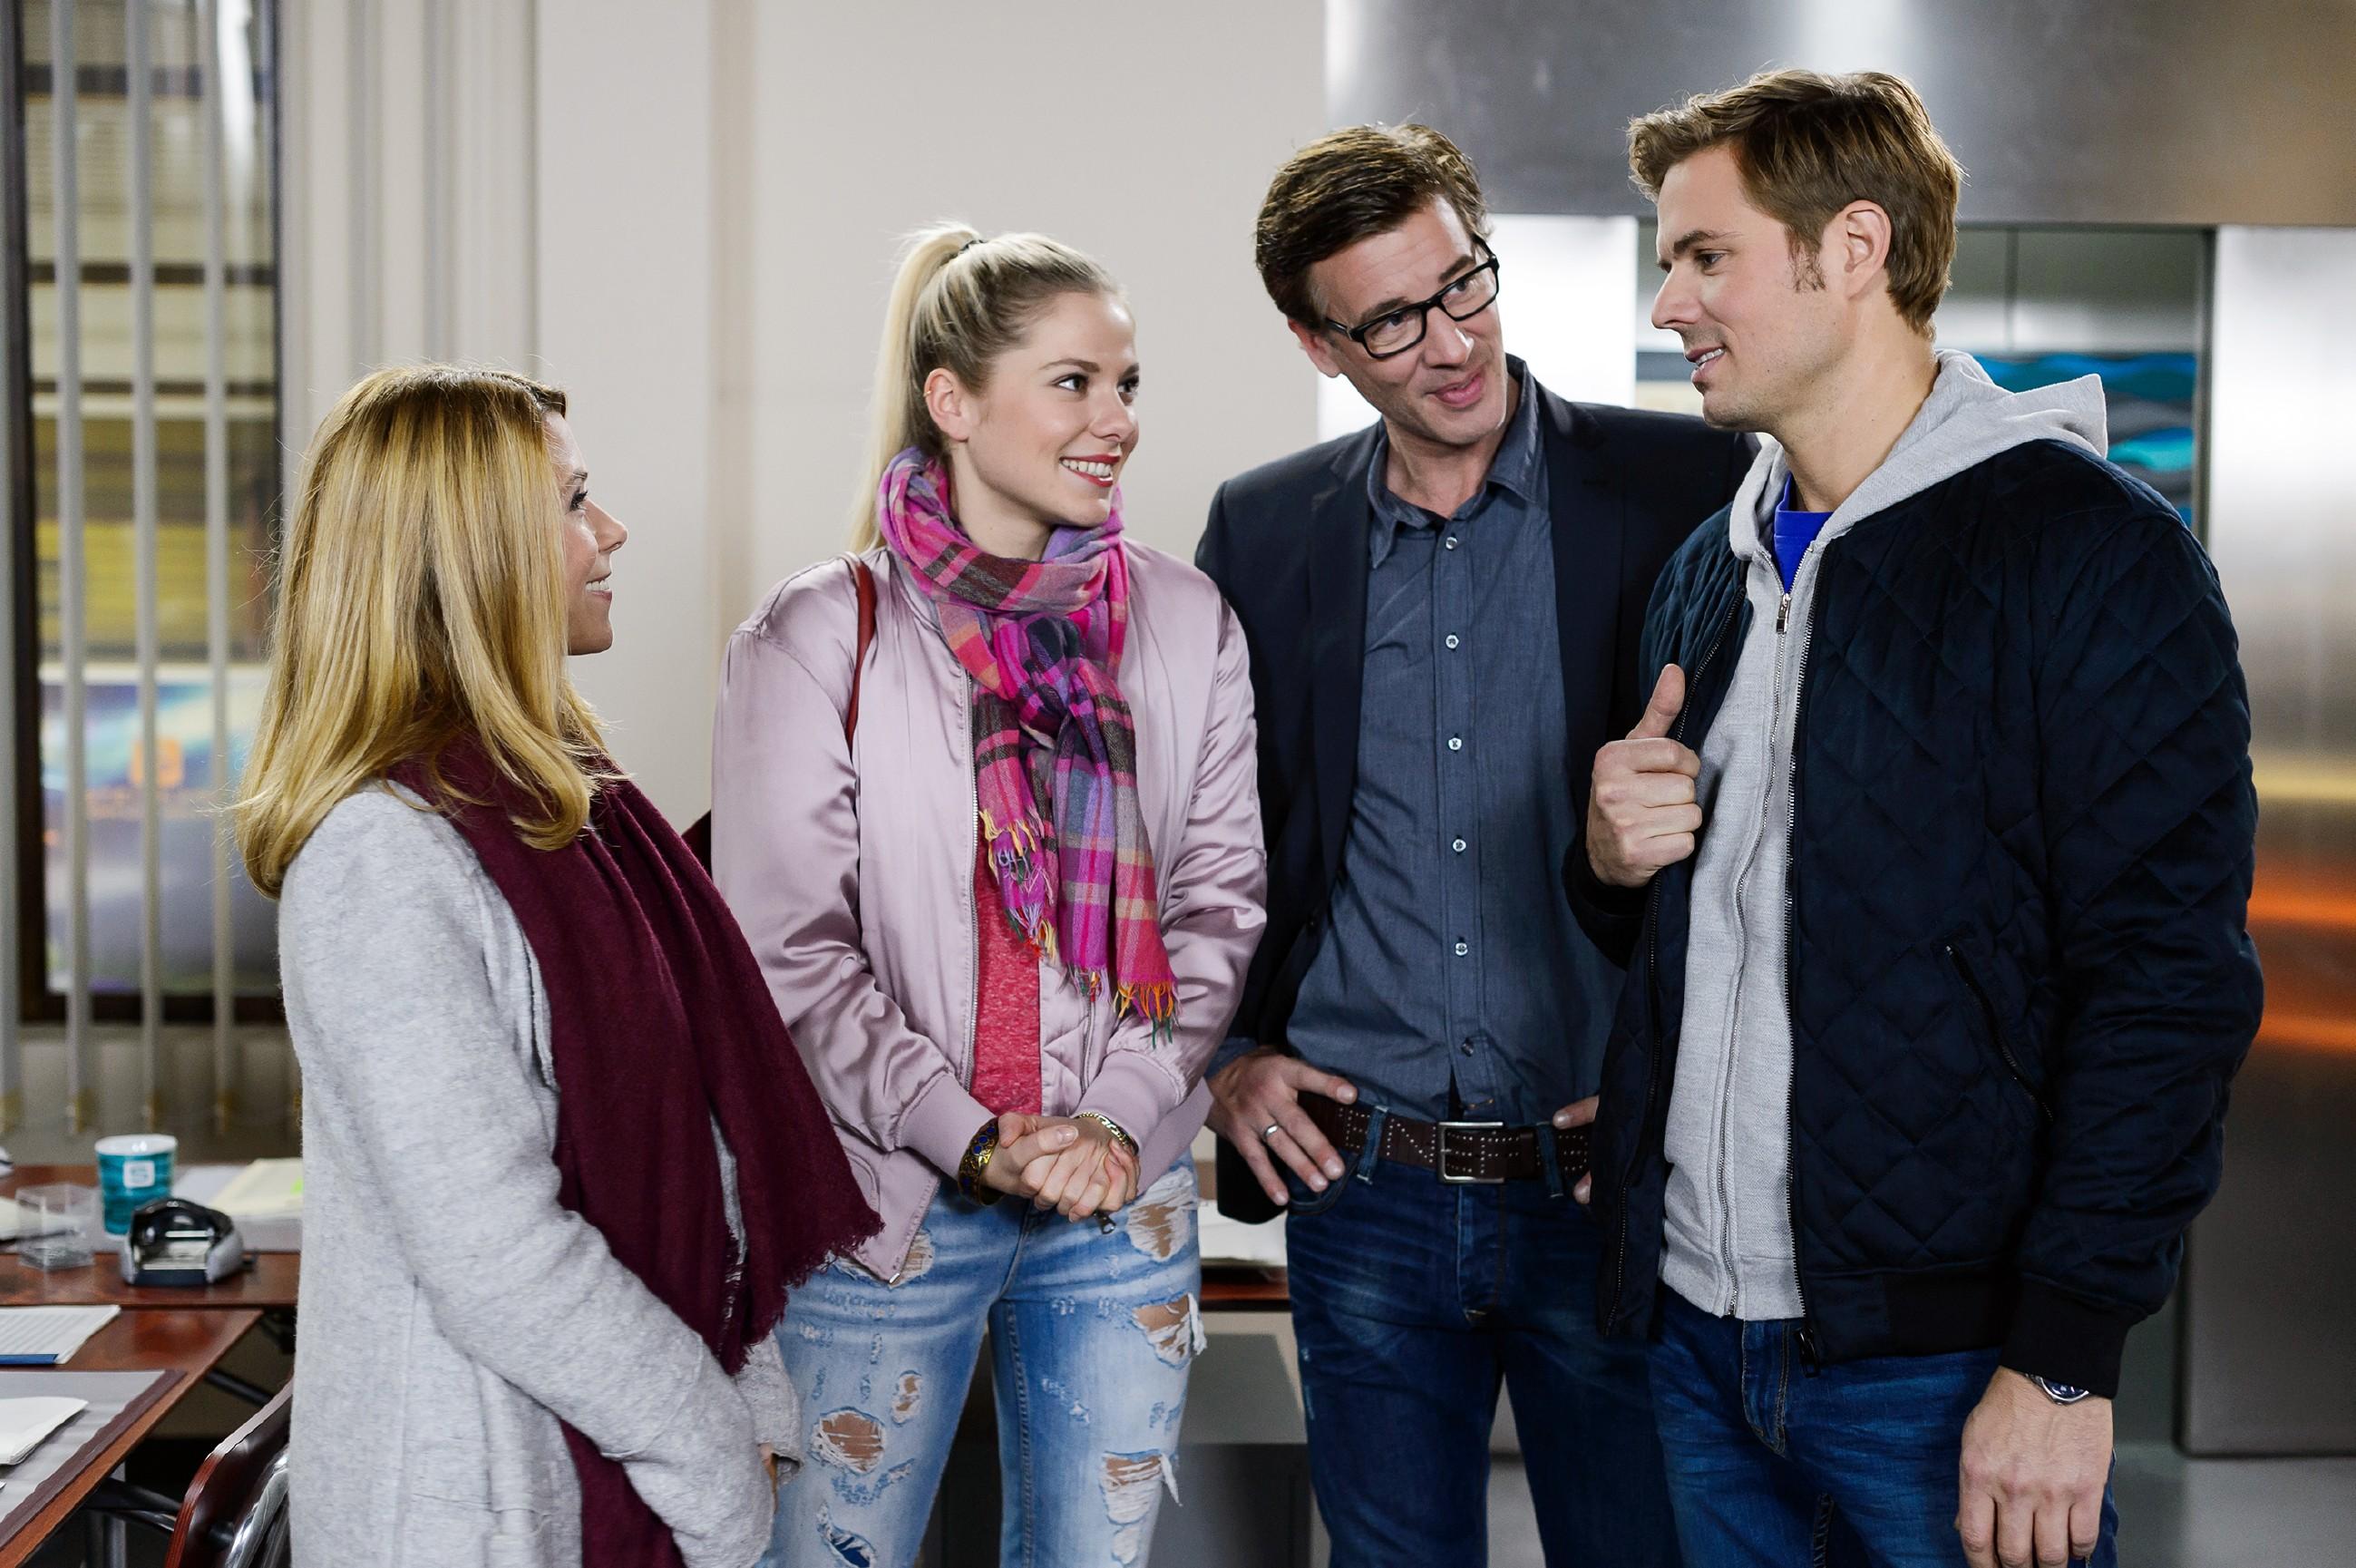 Als Christoph (Lars Korten, 2.v.r.) sich im Zentrum in ein Gespräch mit Diana (Tanja Szewczenko, l.), Marie (Cheyenne Pahde) und Brandon (Rhon Diels) verwickeln lässt, vergisst er tatsächlich sein Baby Henry, den er neben dem Kopierer geparkt hat. (Quelle: RTL / RTL / Willi Weber)